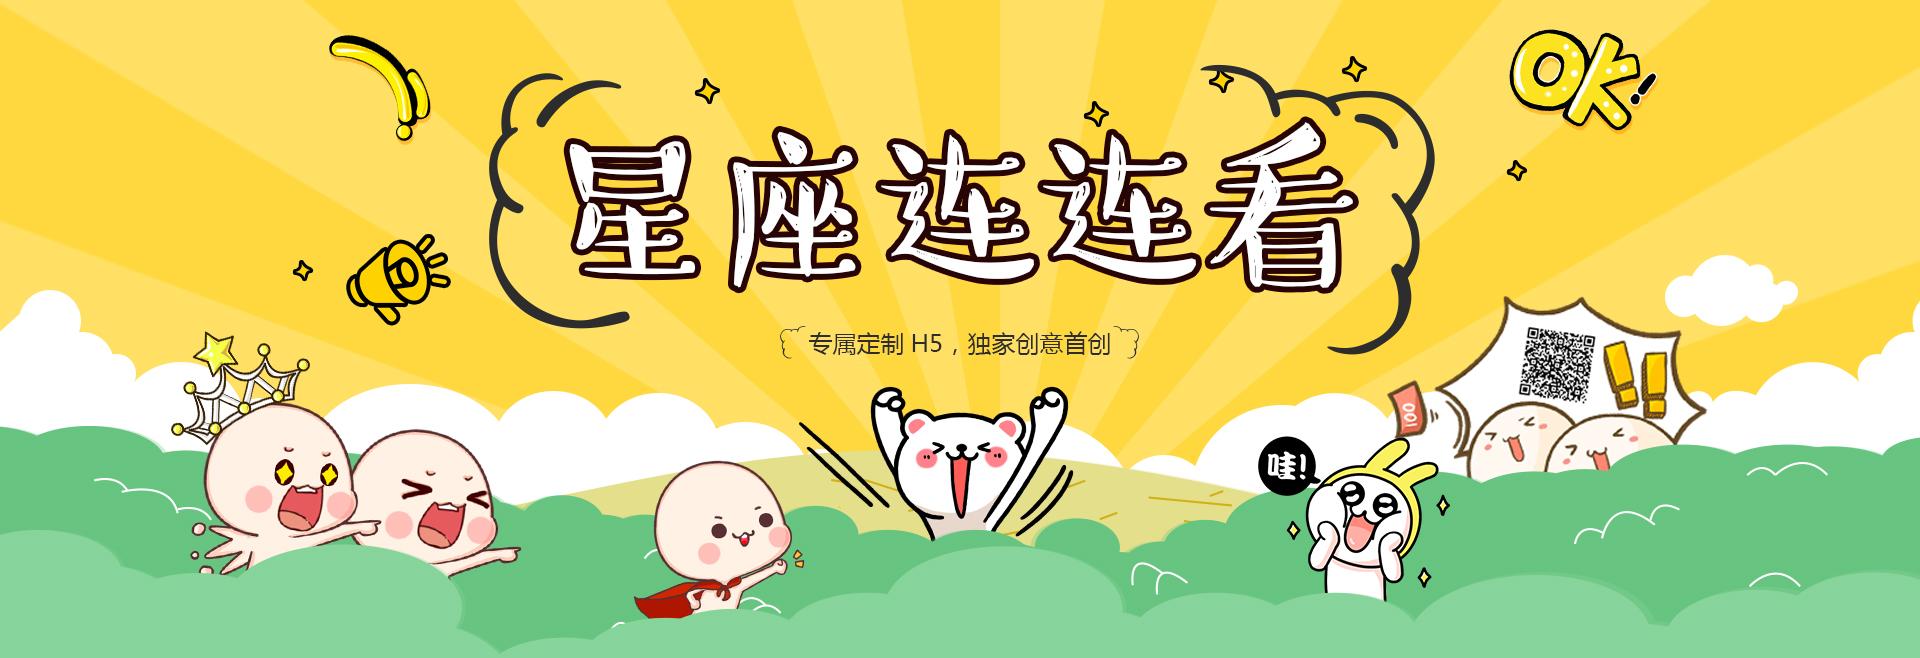 卡通banner